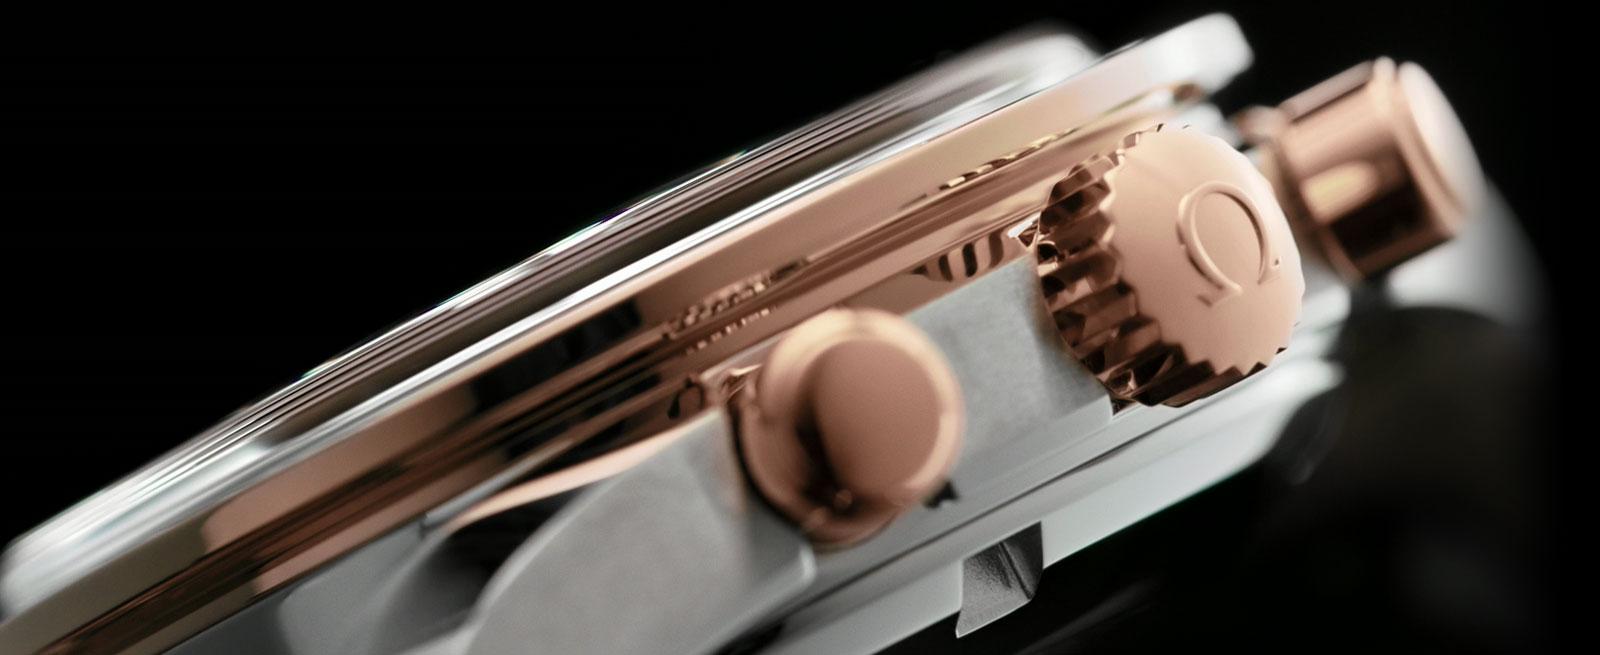 超霸系列38毫米腕表 - 背景